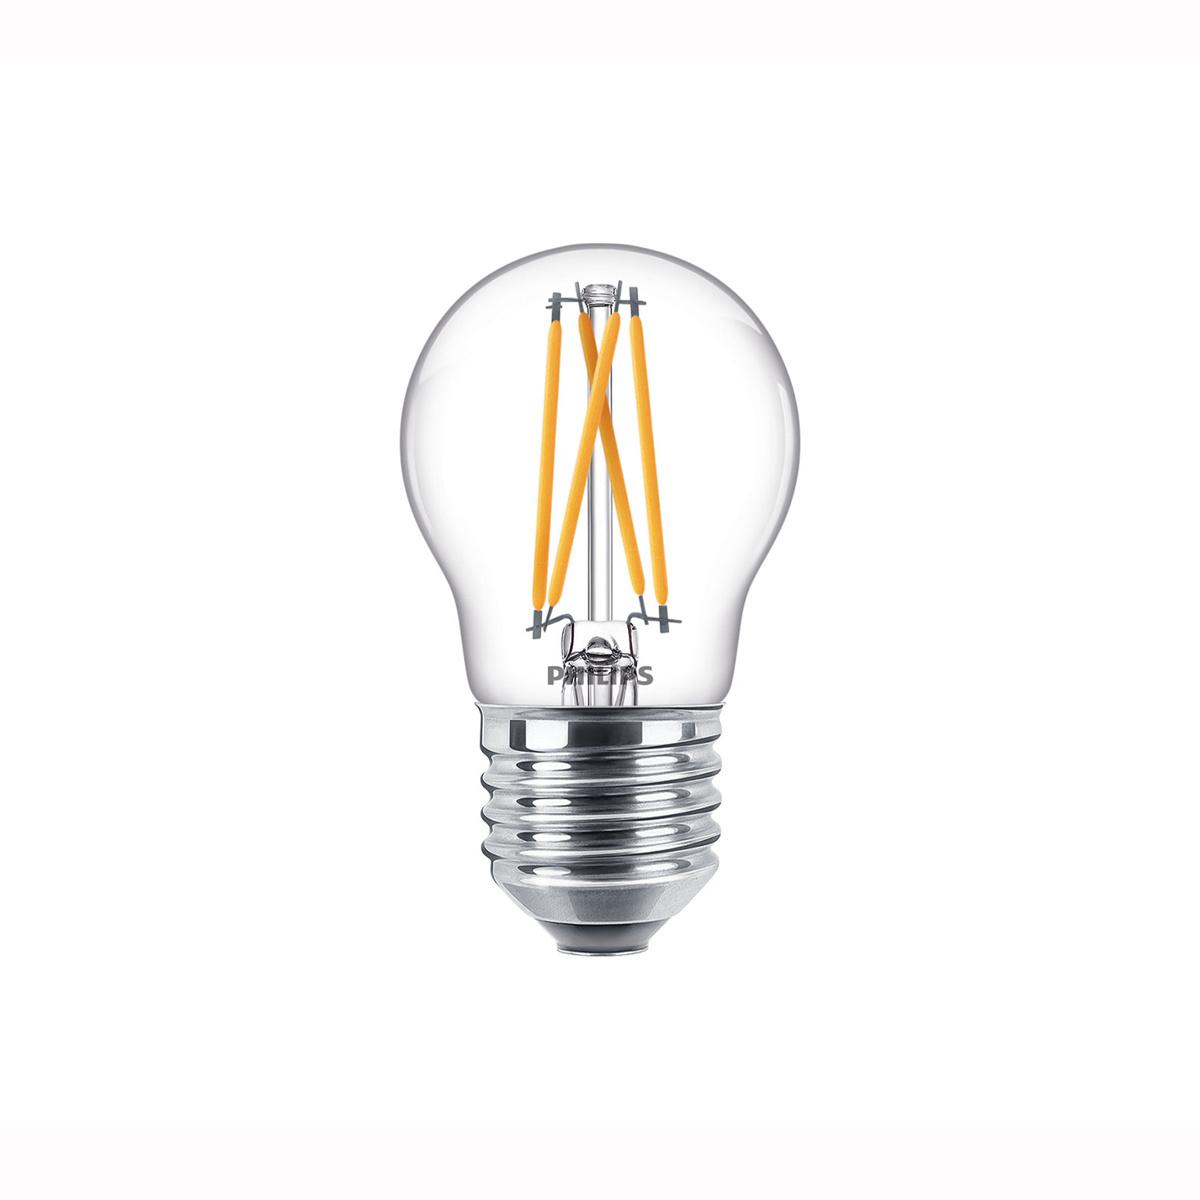 Philips LED E27 kogel 25-3,5 Watt Philips warmglow filament DIM